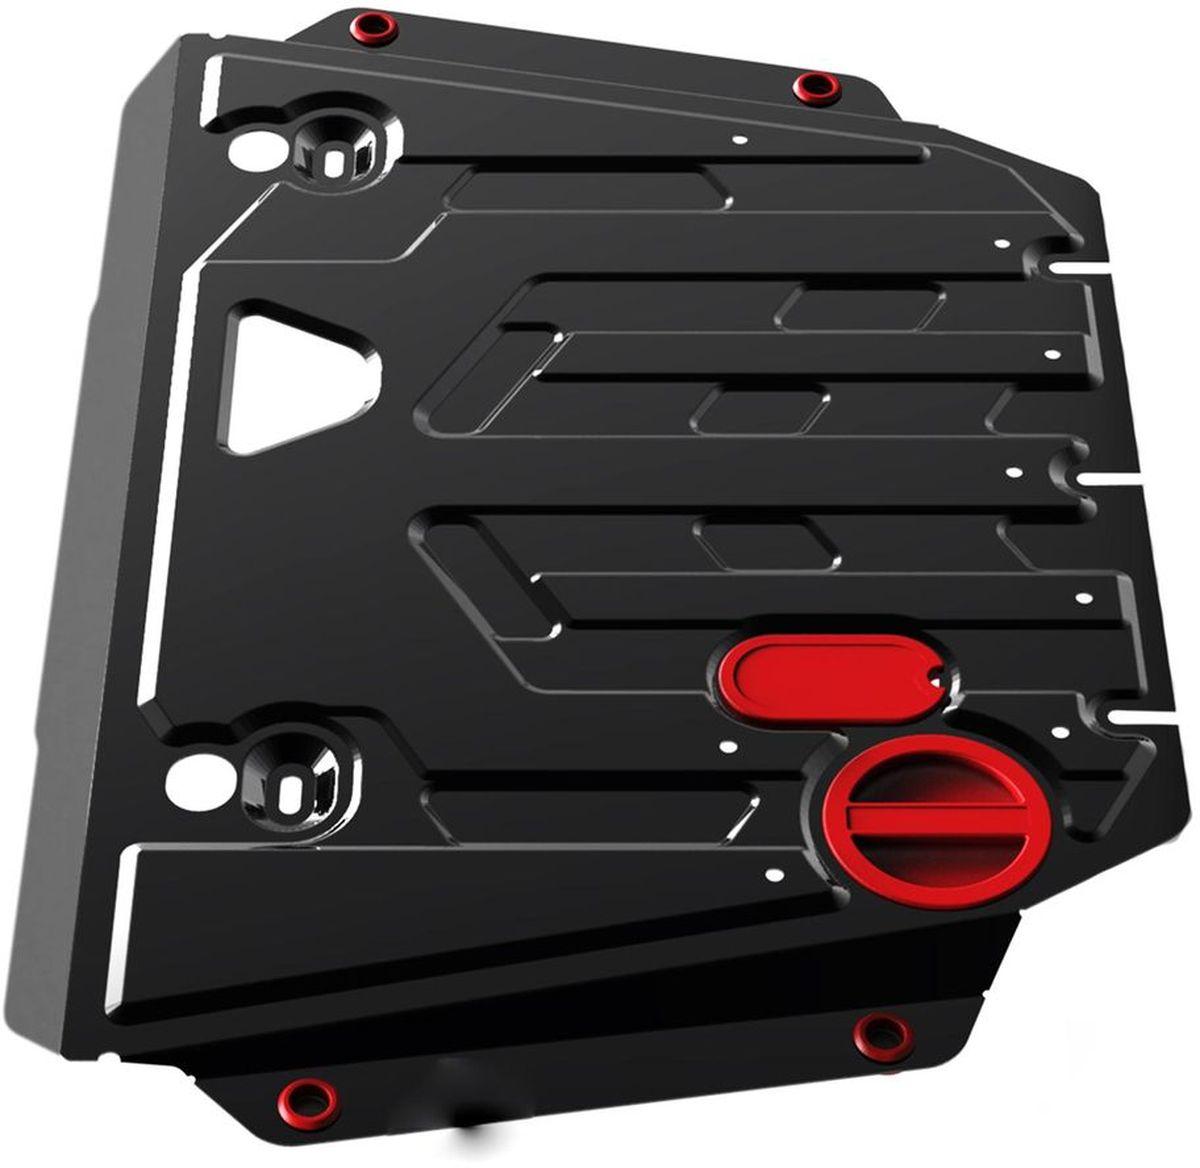 Защита картера и КПП Автоброня Jac S5 2012-, сталь 2 мм111.09201.1Защита картера и КПП Автоброня Jac S5, V - 2,0; 2,0T 2012-, сталь 2 мм, комплект крепежа, 111.09201.1Стальные защиты Автоброня надежно защищают ваш автомобиль от повреждений при наезде на бордюры, выступающие канализационные люки, кромки поврежденного асфальта или при ремонте дорог, не говоря уже о загородных дорогах.- Имеют оптимальное соотношение цена-качество.- Спроектированы с учетом особенностей автомобиля, что делает установку удобной.- Защита устанавливается в штатные места кузова автомобиля.- Является надежной защитой для важных элементов на протяжении долгих лет.- Глубокий штамп дополнительно усиливает конструкцию защиты.- Подштамповка в местах крепления защищает крепеж от срезания.- Технологические отверстия там, где они необходимы для смены масла и слива воды, оборудованные заглушками, закрепленными на защите.Толщина стали 2 мм.В комплекте крепеж и инструкция по установке.Уважаемые клиенты!Обращаем ваше внимание на тот факт, что защита имеет форму, соответствующую модели данного автомобиля. Наличие глубокого штампа и лючков для смены фильтров/масла предусмотрено не на всех защитах. Фото служит для визуального восприятия товара.